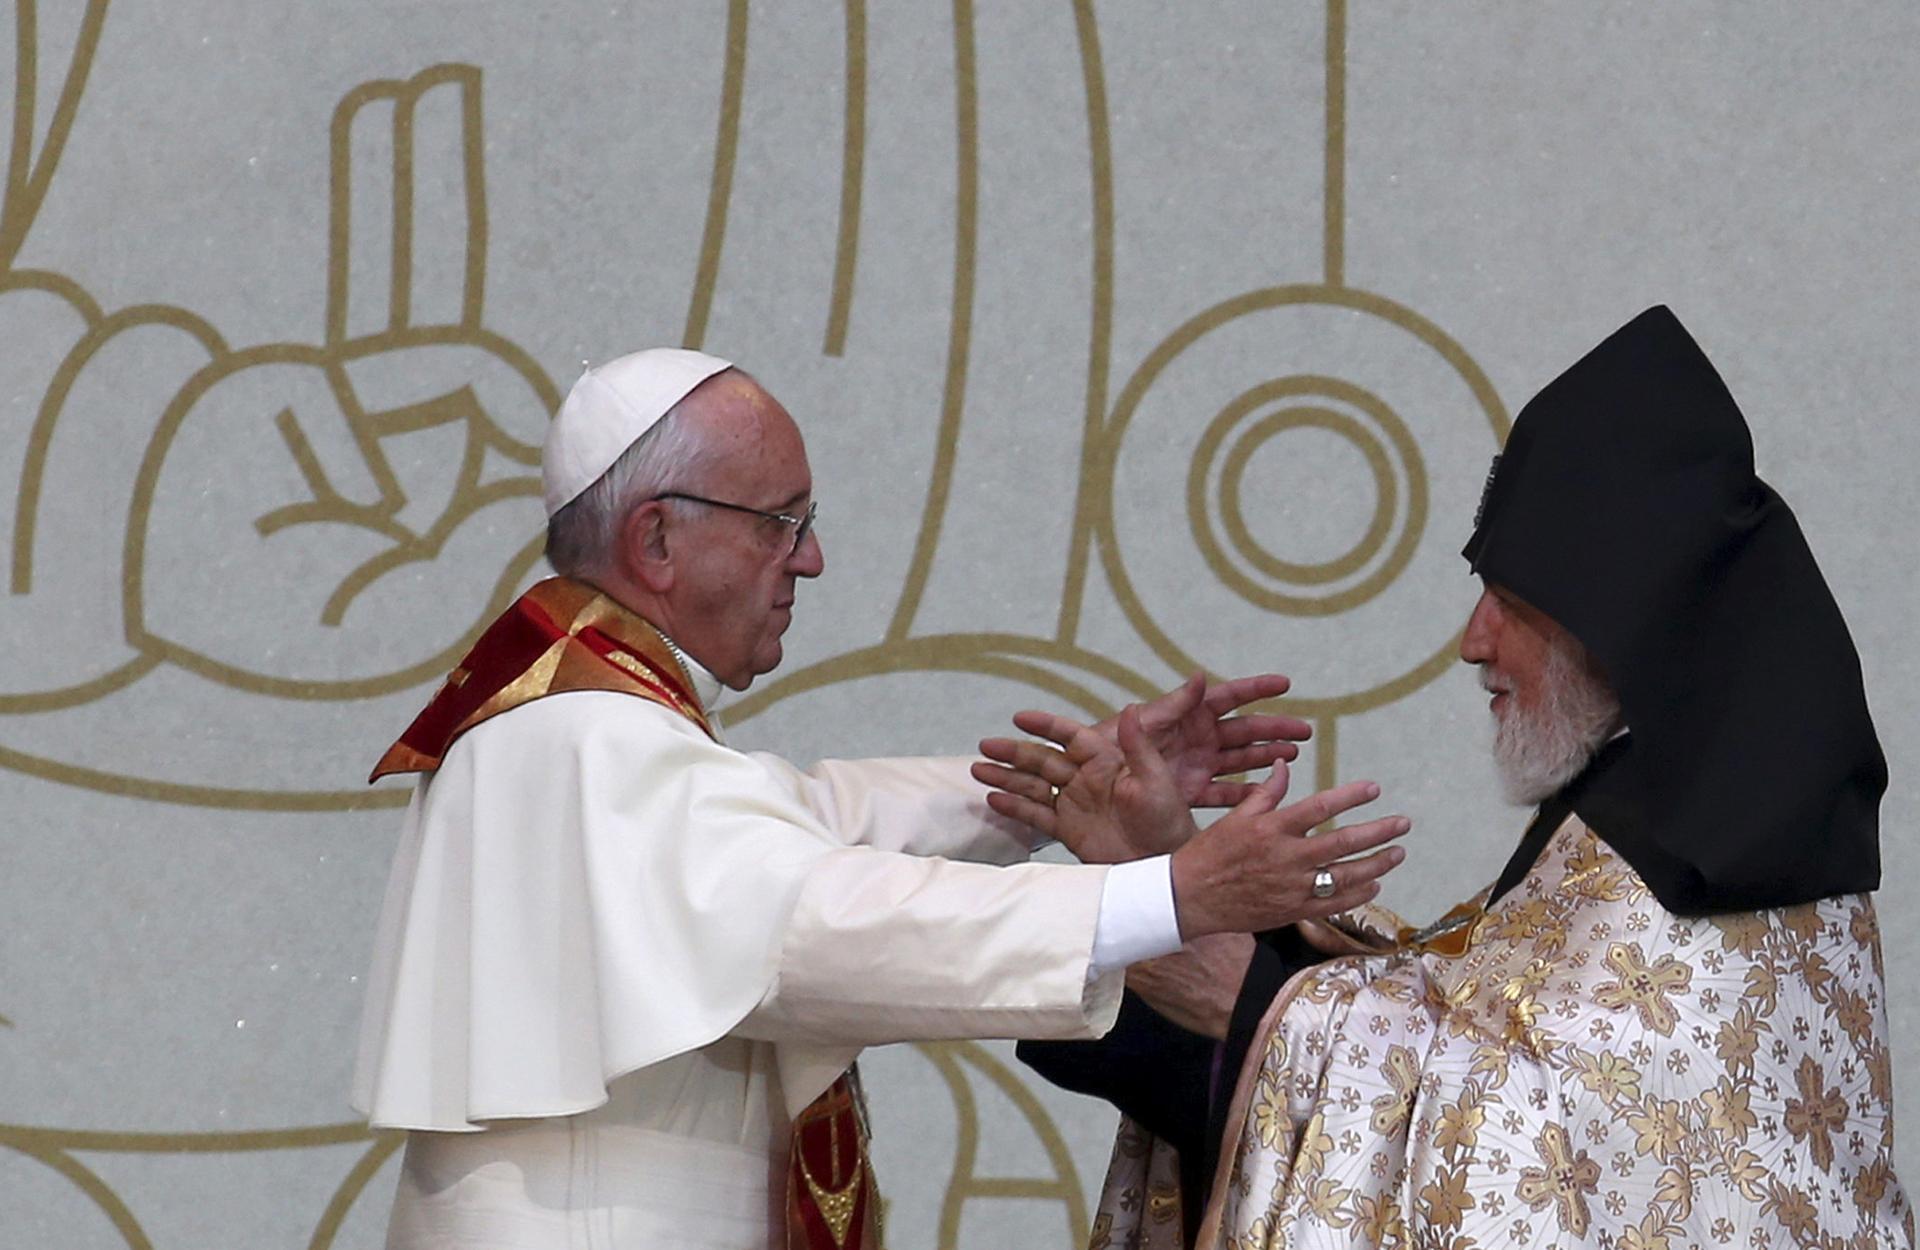 El papa Francisco viajó a Armenia donde rindió homenaje a las víctimas del genocidio junto al patriarca Su Santidad Catholicós Karekin II (Reuters)